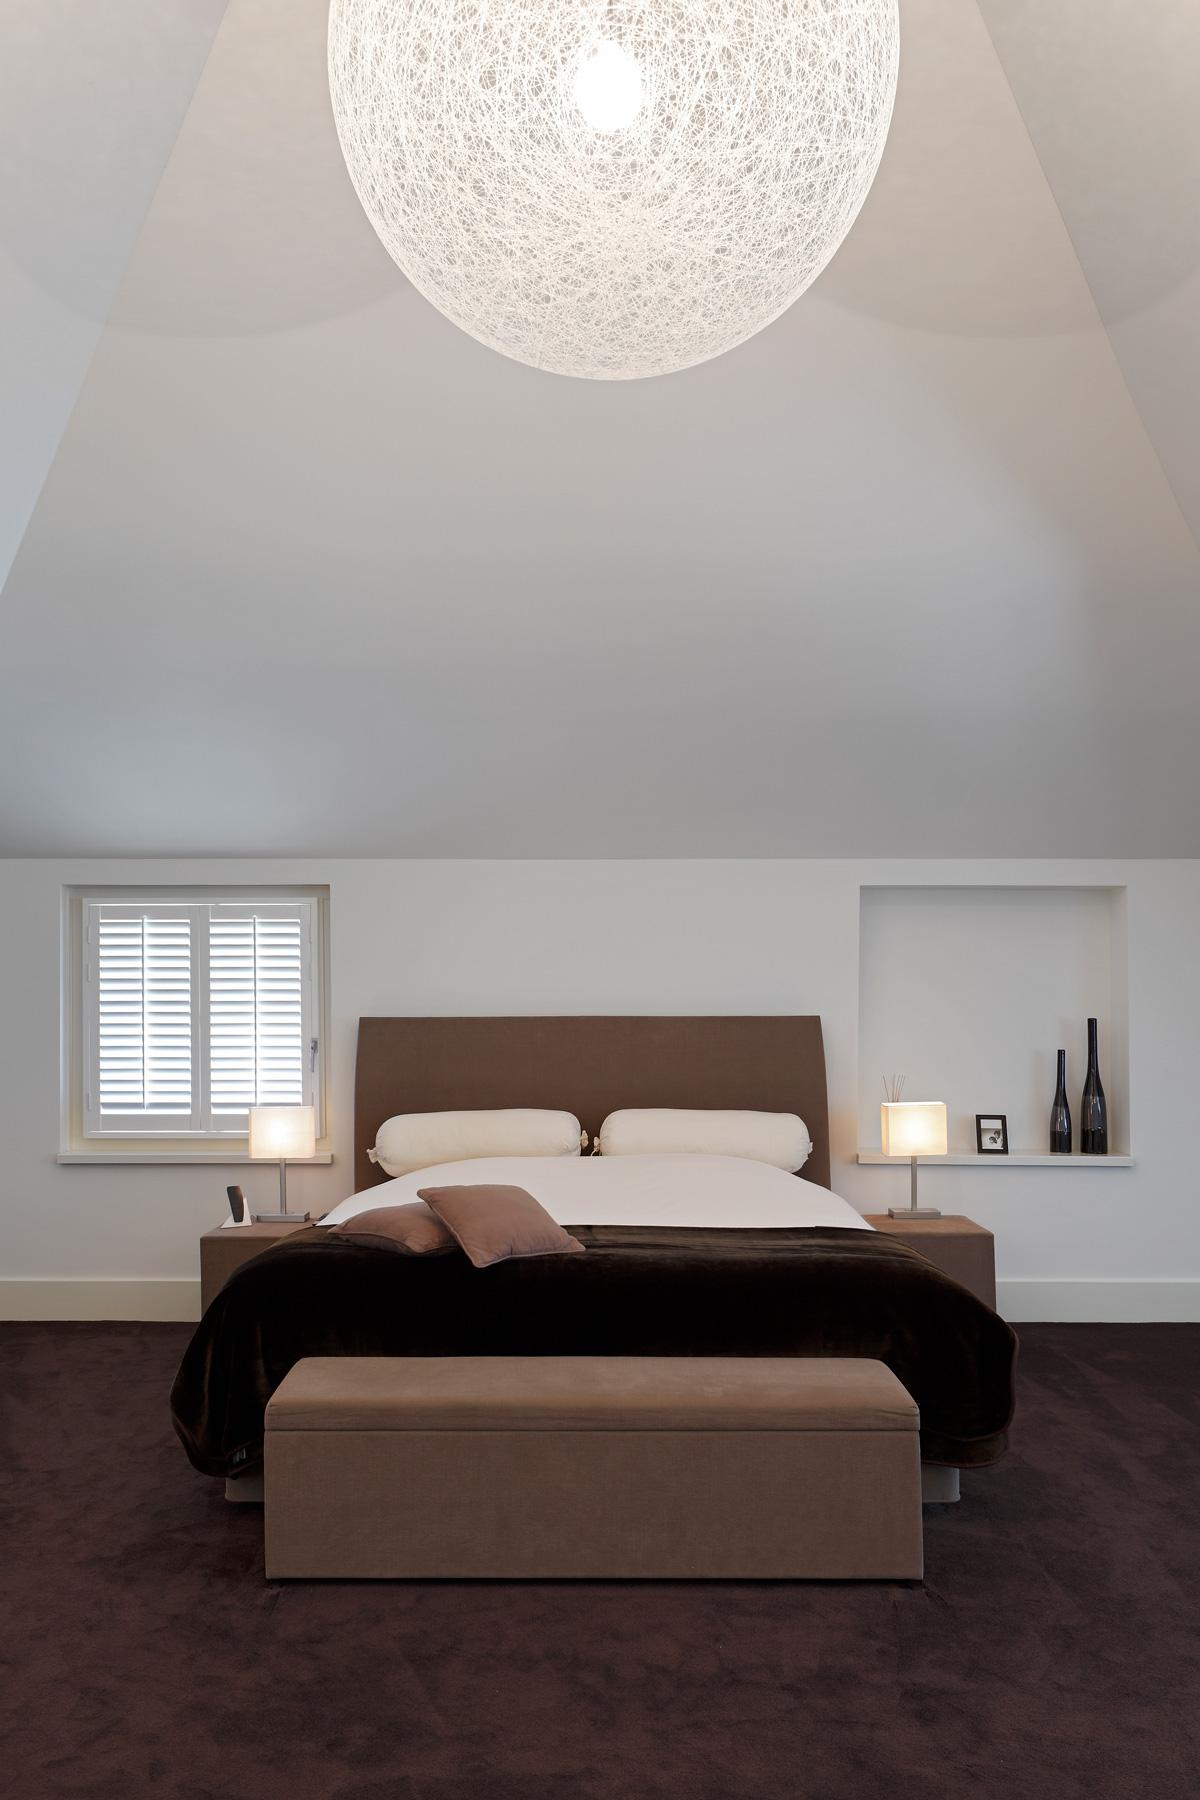 Slaapkamer, master bedroom, bed, boxspring, hedendaags landhuis, Marco Daverveld